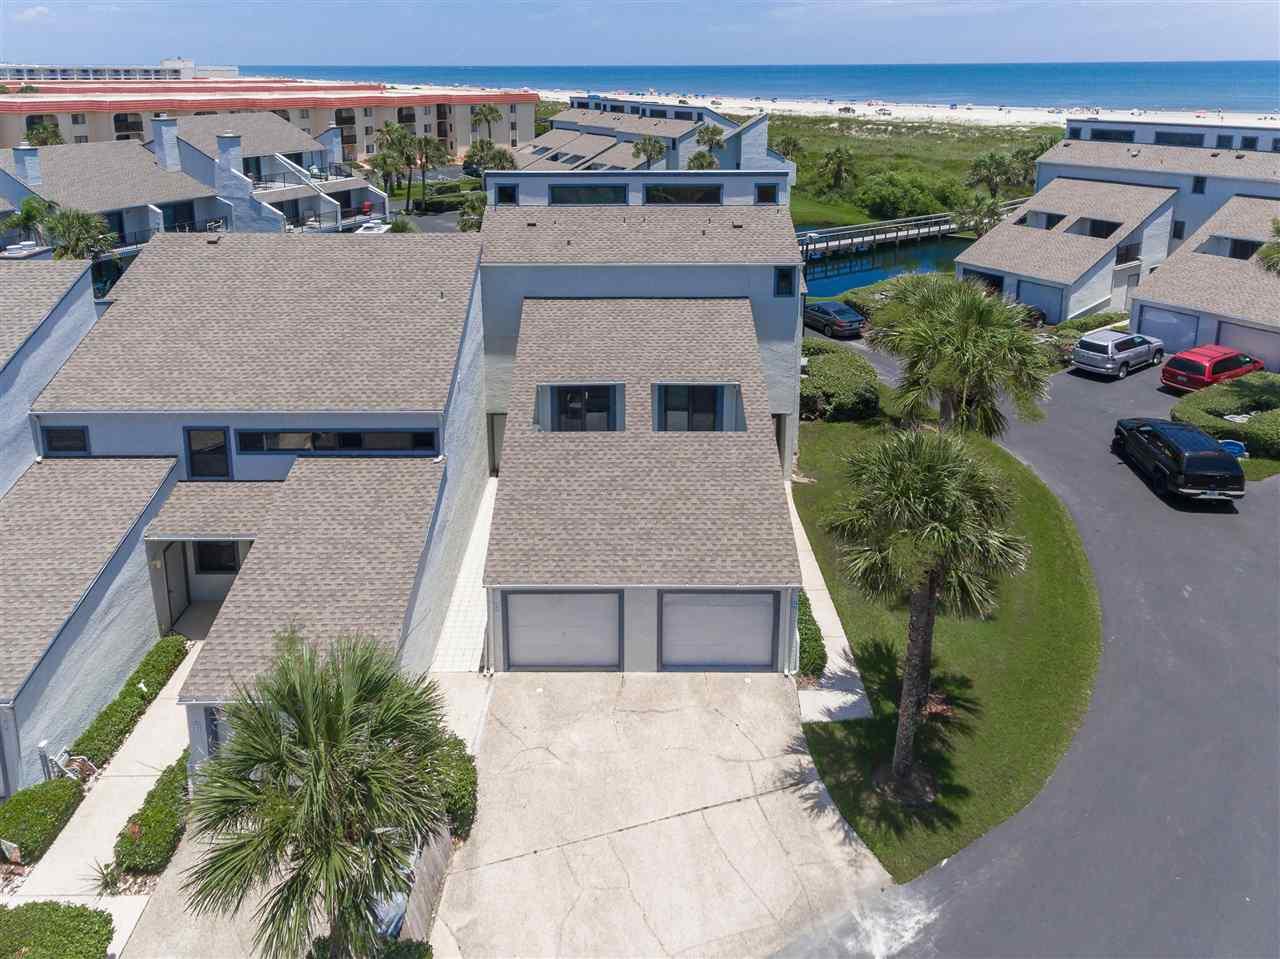 890 A1A BEACH, ST AUGUSTINE BEACH, FL 32080